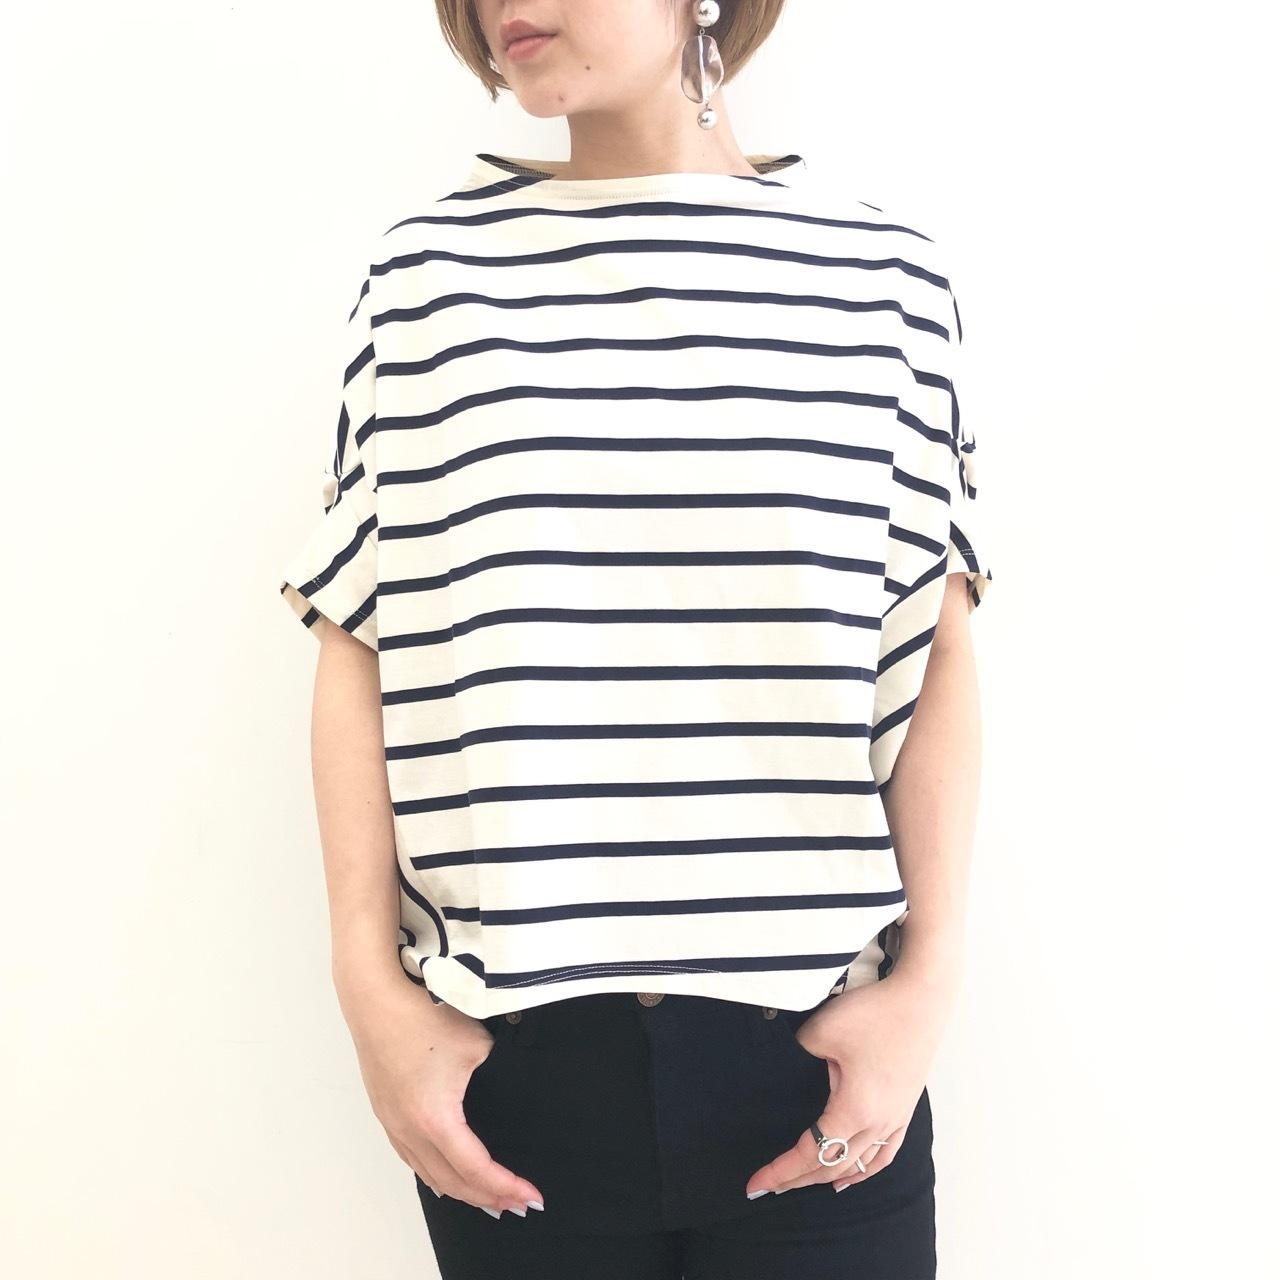 【 OTUME 】ボトルネックボーダーTeeシャツ